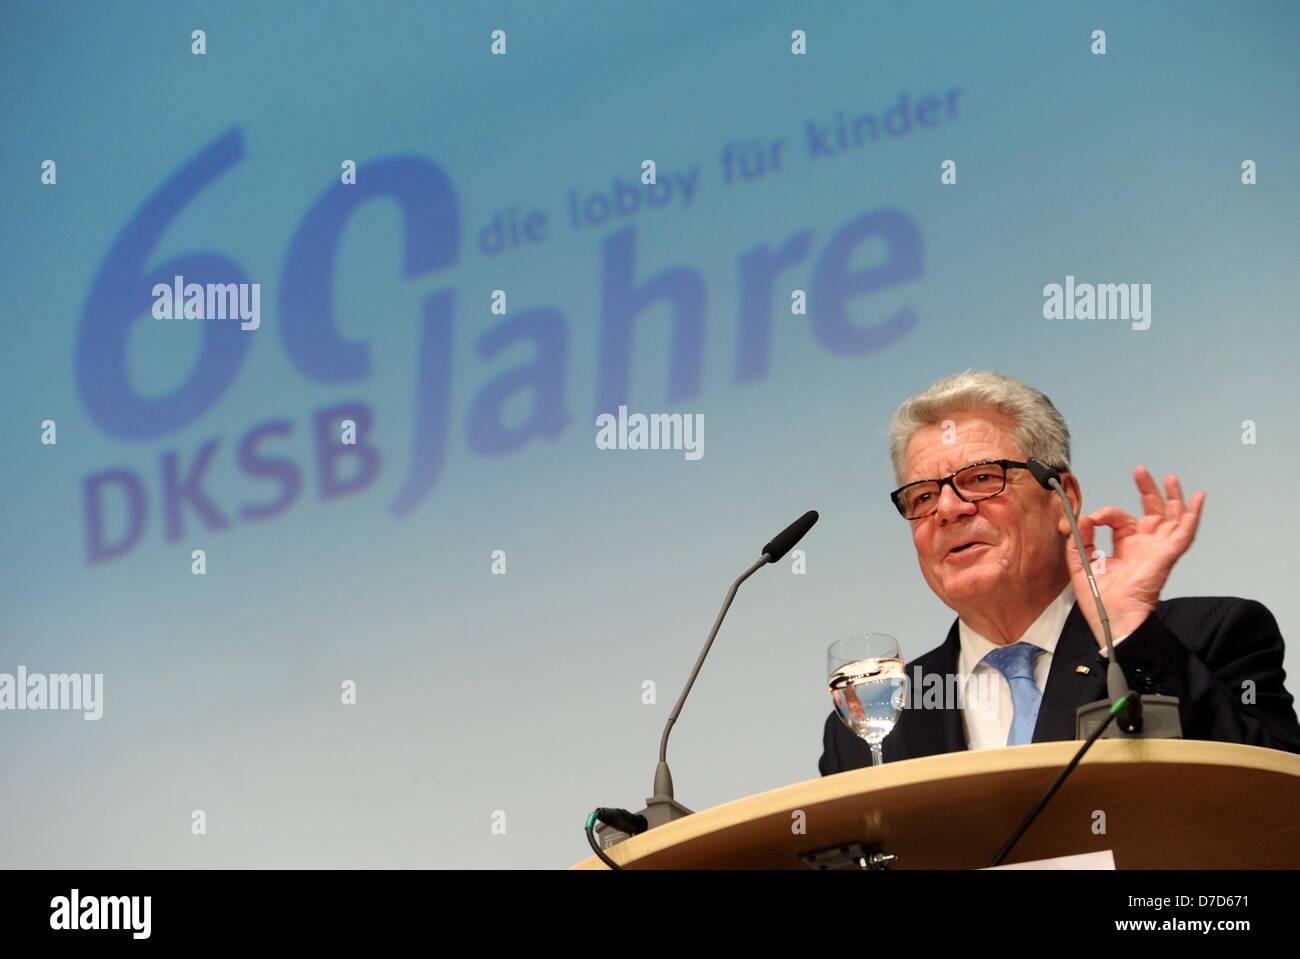 Imagen de un documento de fecha 03 de mayo de 2013 muestra el presidente alemán Joachim Gauck hablar en el escenario durante el 60º aniversario de la Liga de Protección de la Infancia alemana (DKSB) en Munich, Alemania. DKSB tiene más de 50.000 miembros, Thanh. Foto: Deutscher Kinderschutzbund e.V./Tobias Hase Foto de stock